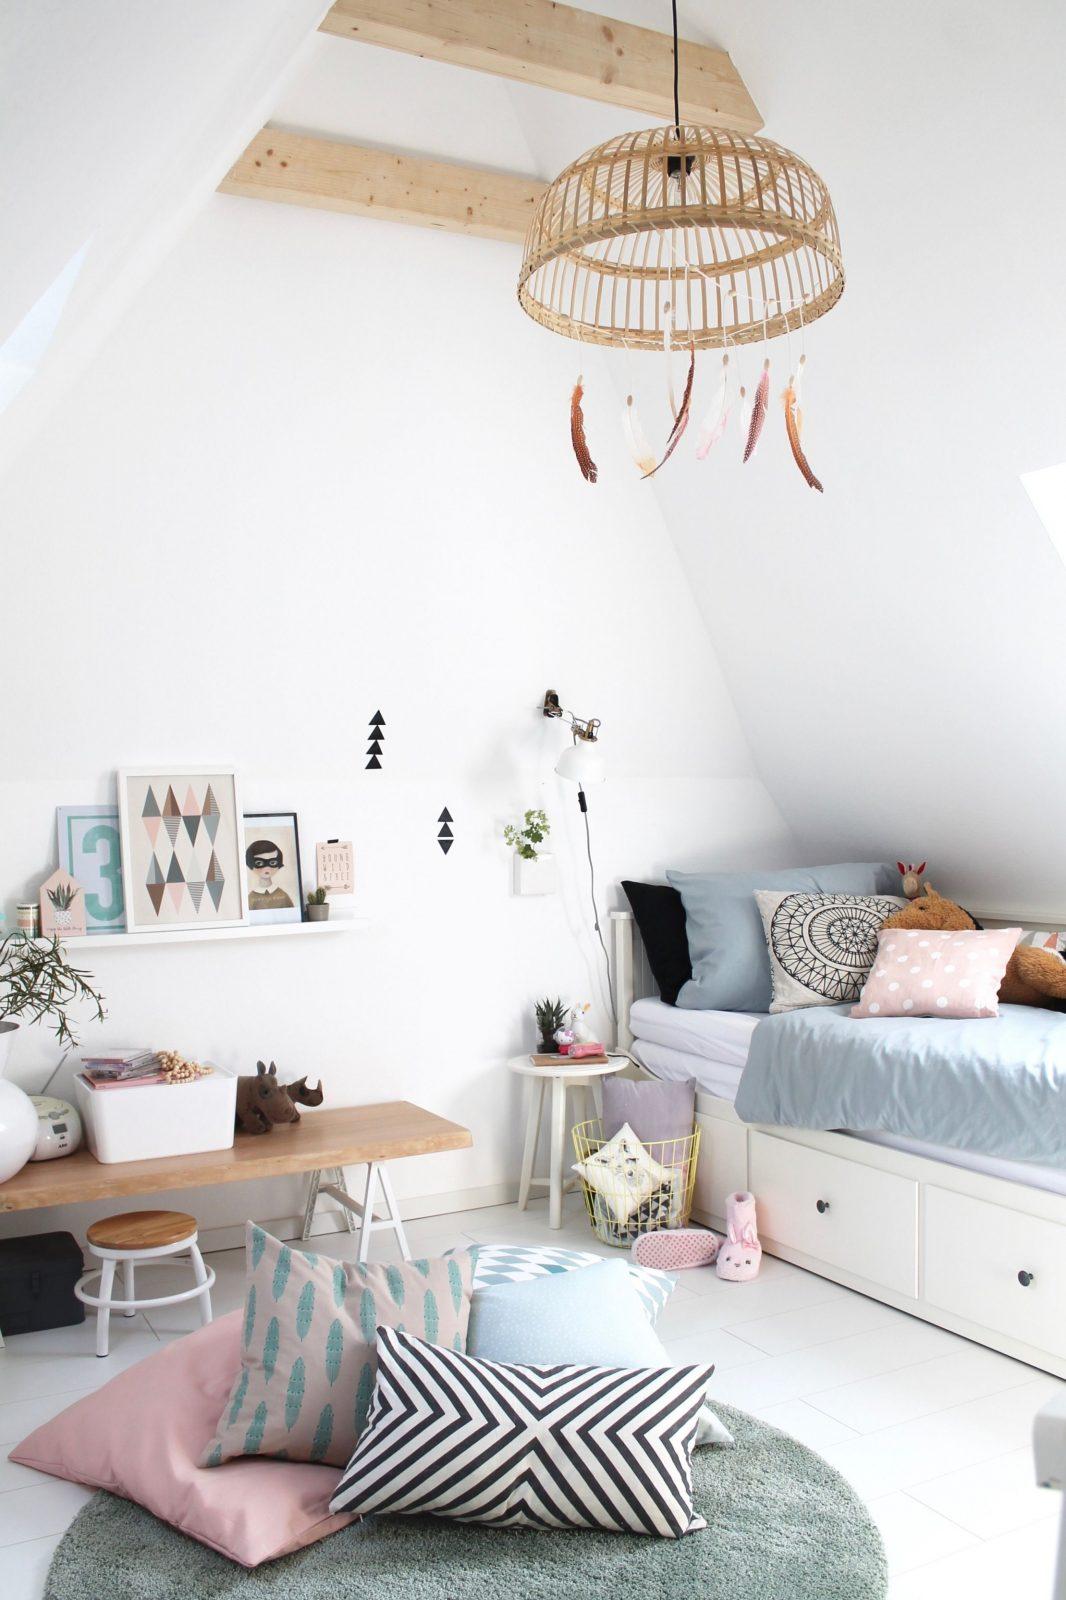 Das Hippietipikinderzimmer Für Emma  Home Plate  Tipi von Ikea Jugendzimmer Für Jungs Bild